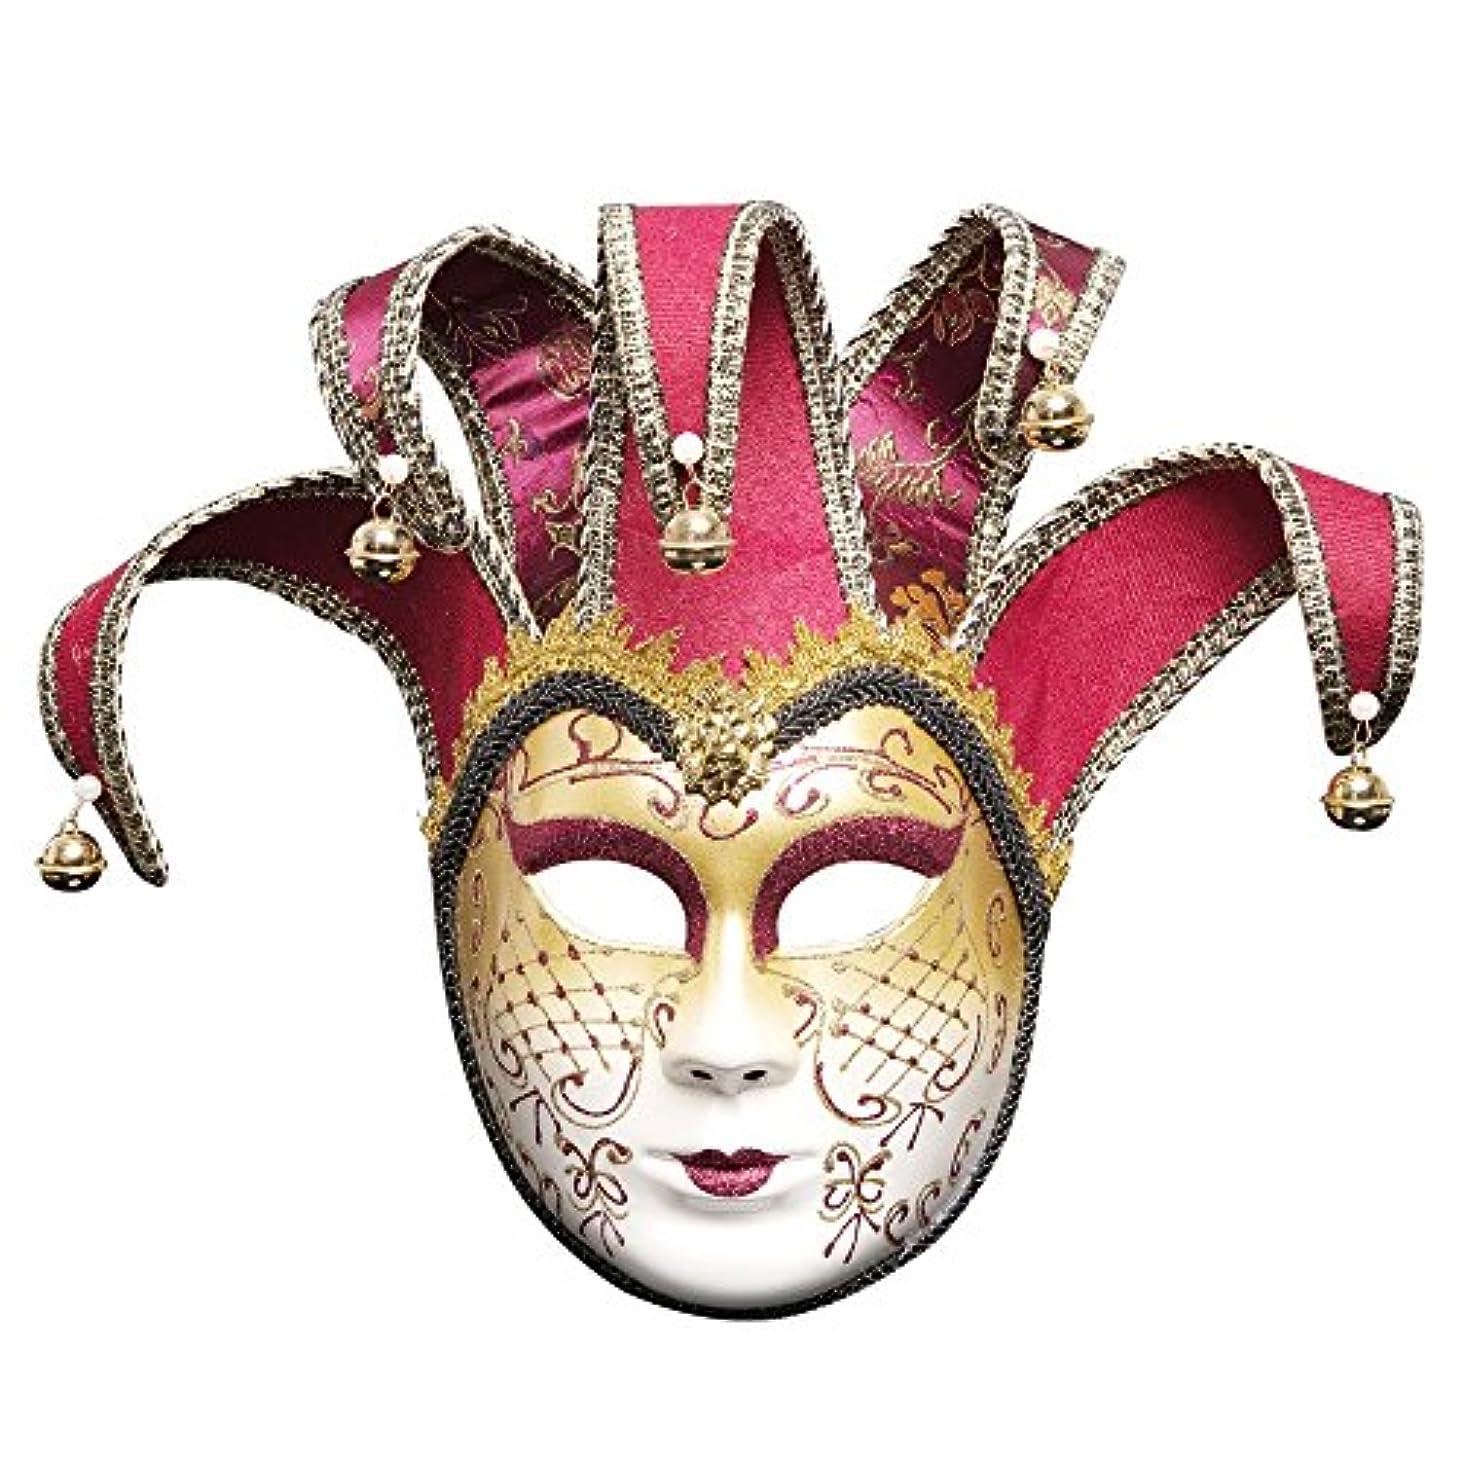 柔らかい四半期不利ハロウィンボールパーティーマスククリスマスクリエイティブ新しいフルフェイスメイクアップマスク (Color : B)